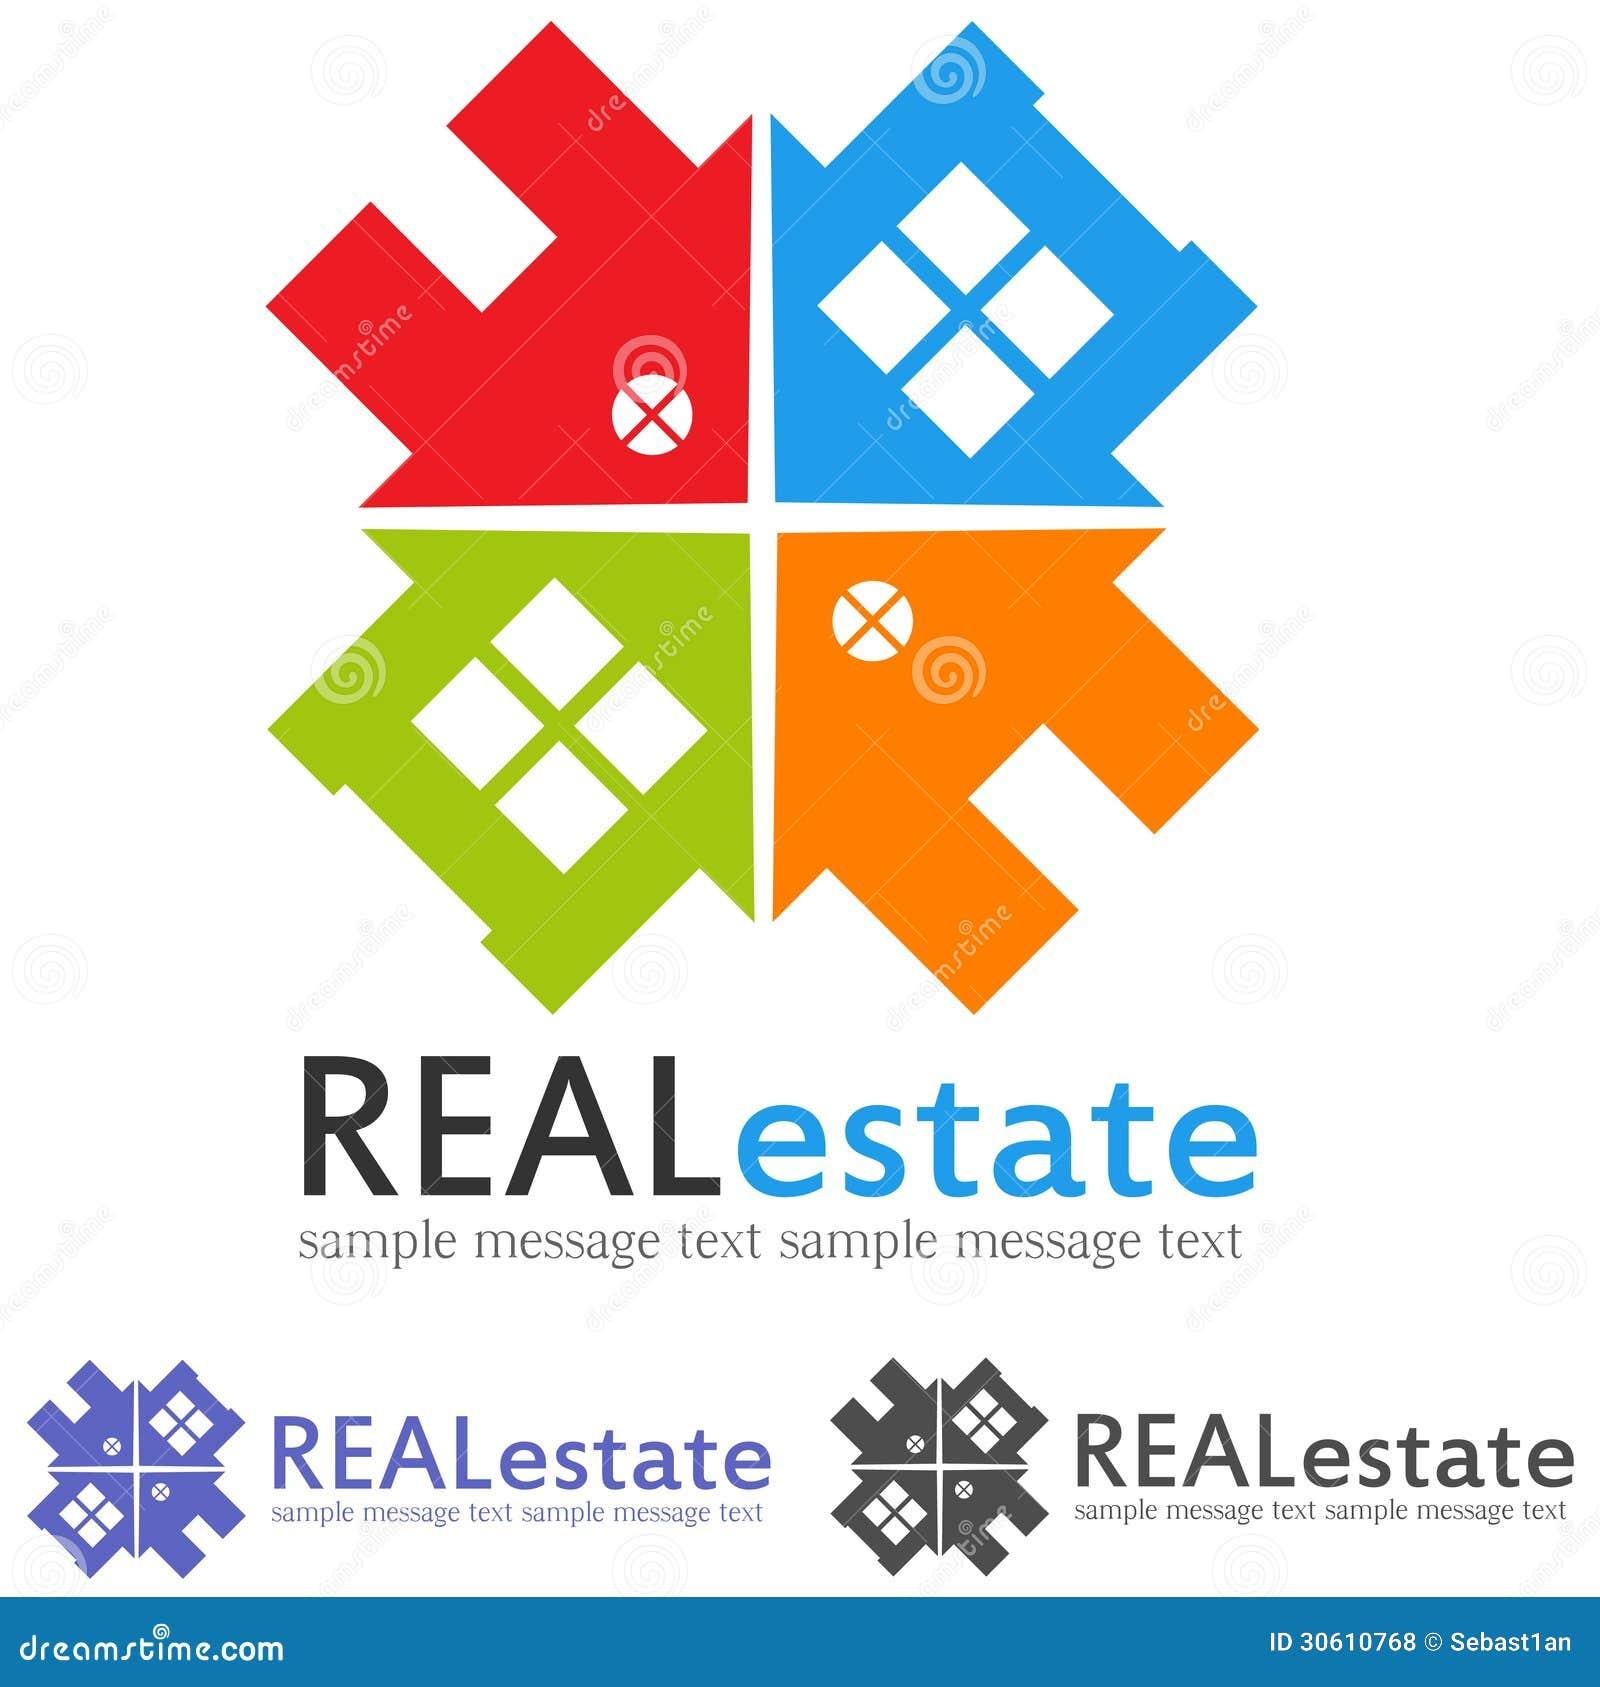 Concept Logo Royalty Free Stock Photos Image 30610768